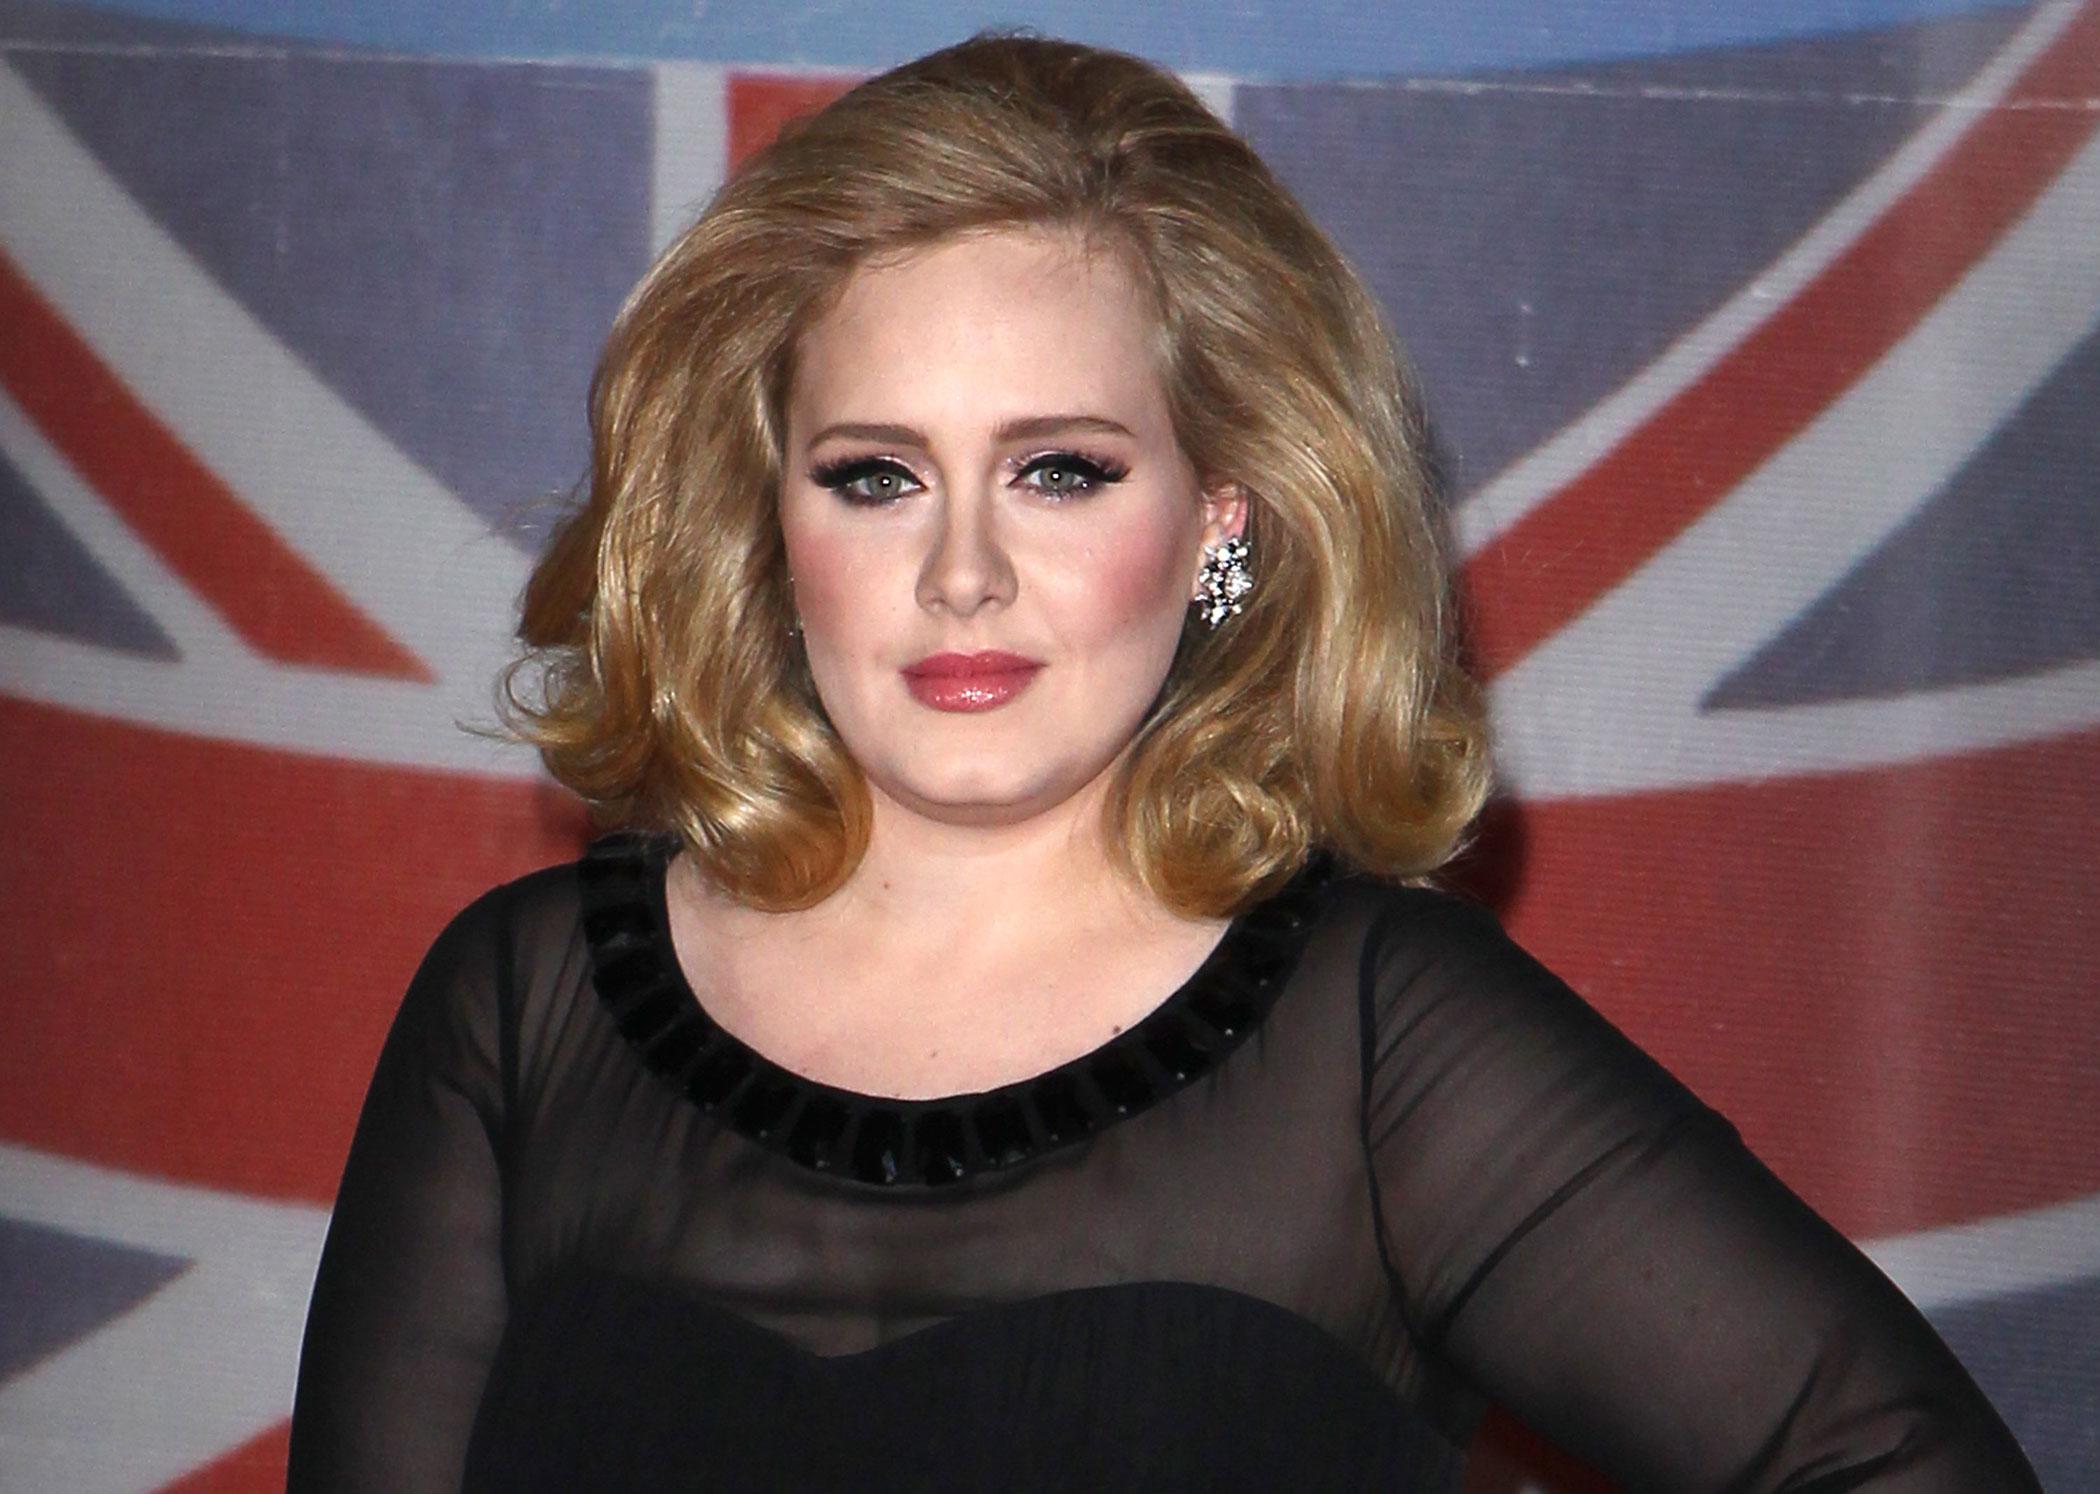 <b>Adele</b> sang the theme song for <i>Skyfall</i>